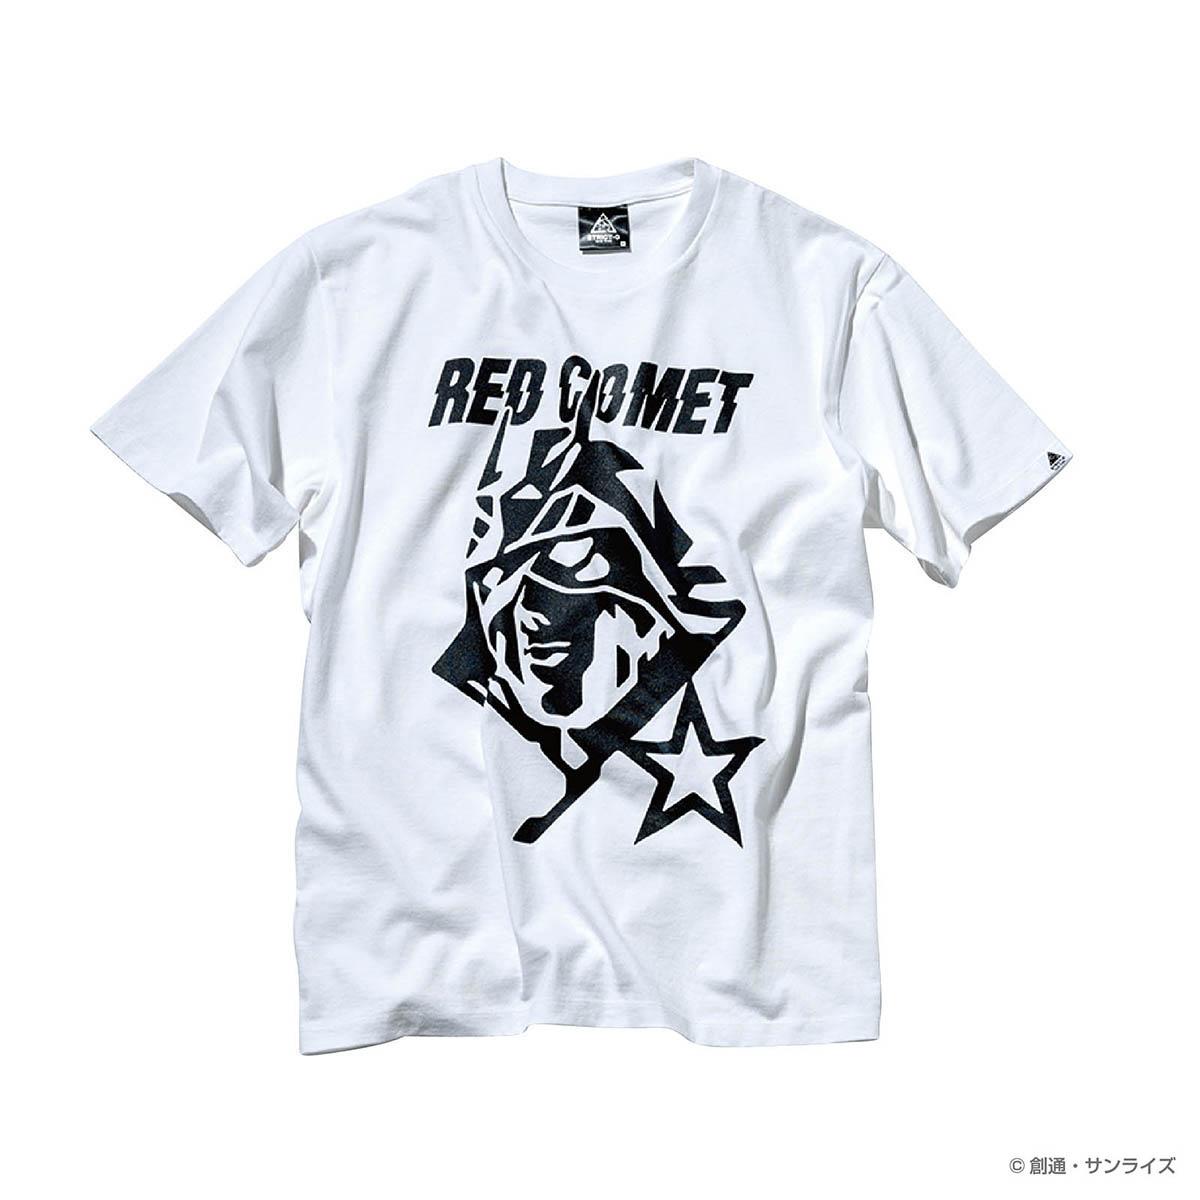 STRICT-G NEW YARK T恤 夏亞.阿茲納布爾 圖樣